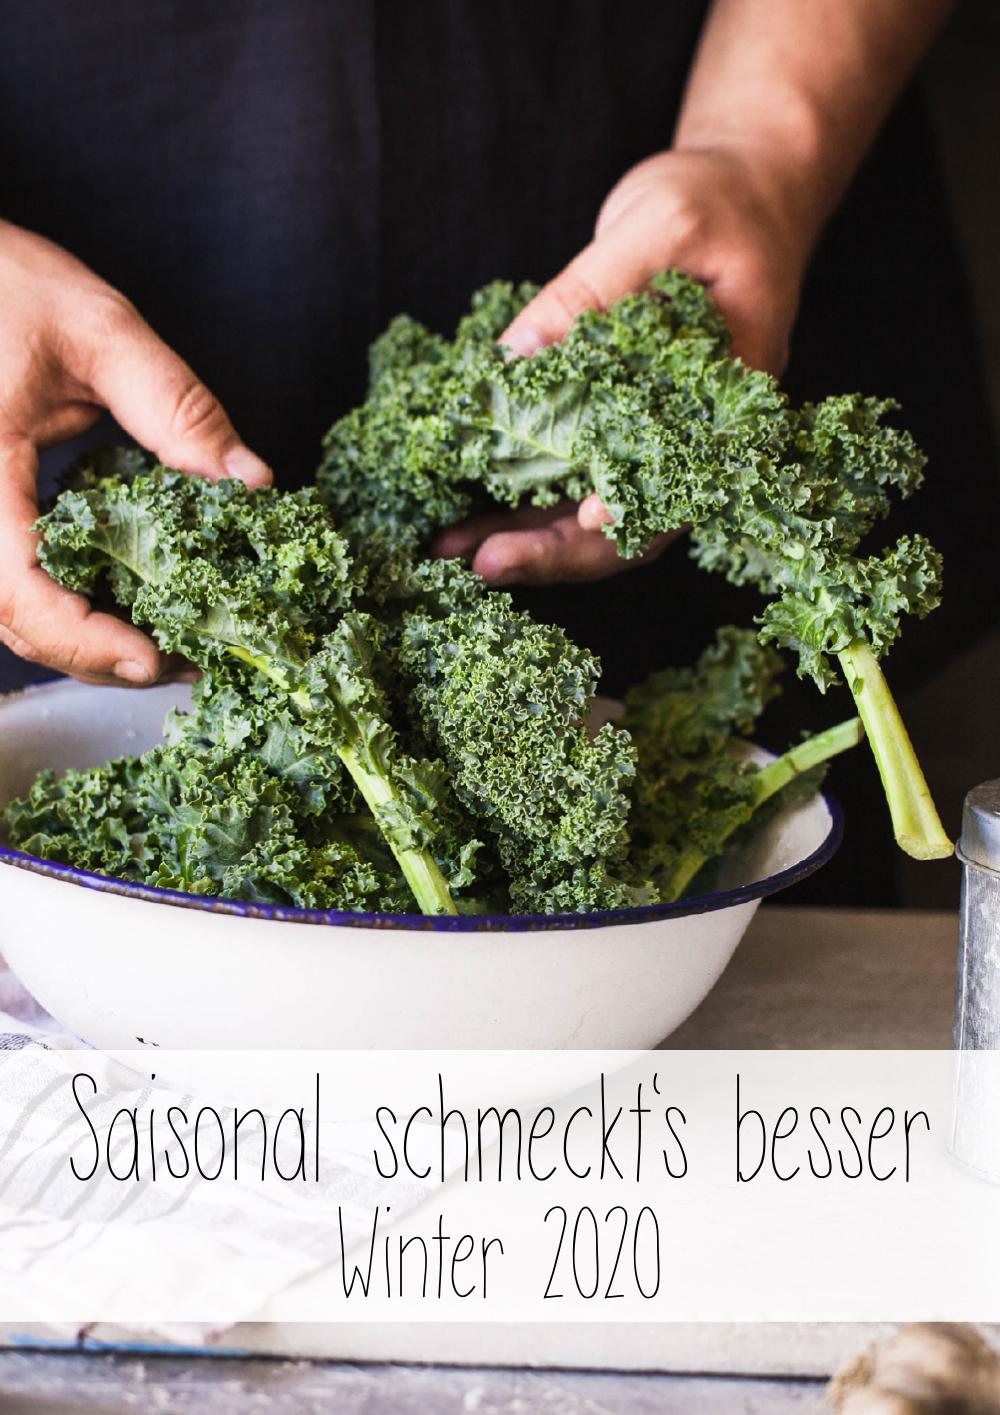 Saisonal-schmeckts-besser-winter-2020